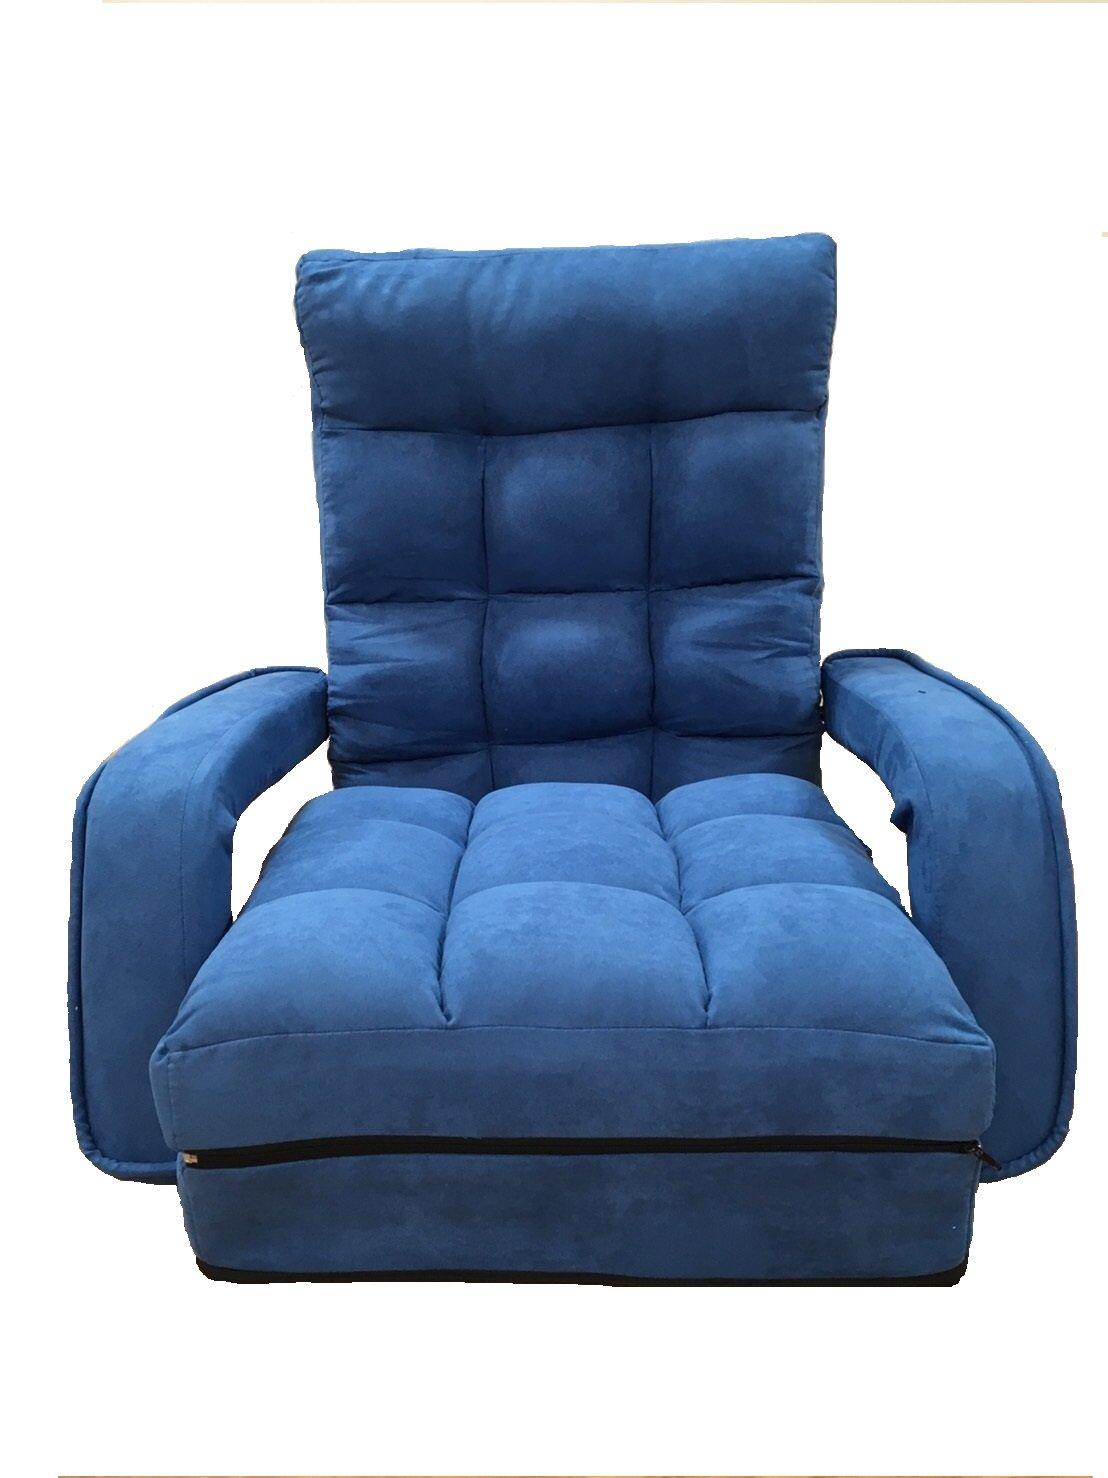 座椅子ひじ掛け 脚ラクチェア肘付 (ネイビー)    B01M18A7FG ネイビー ネイビー